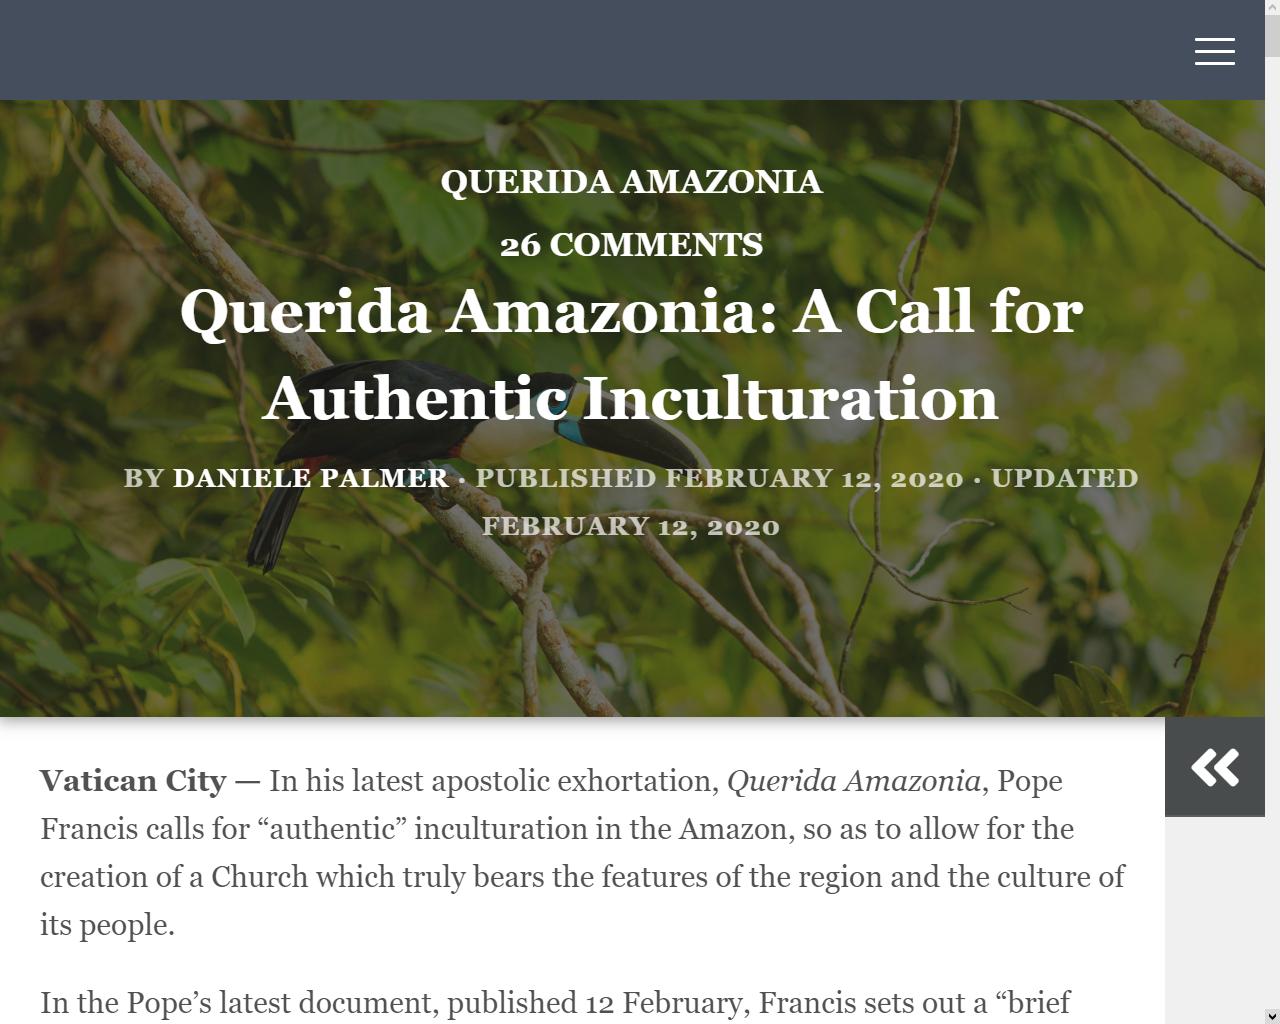 Querida Amazonia : un appel pour une authentique inculturation